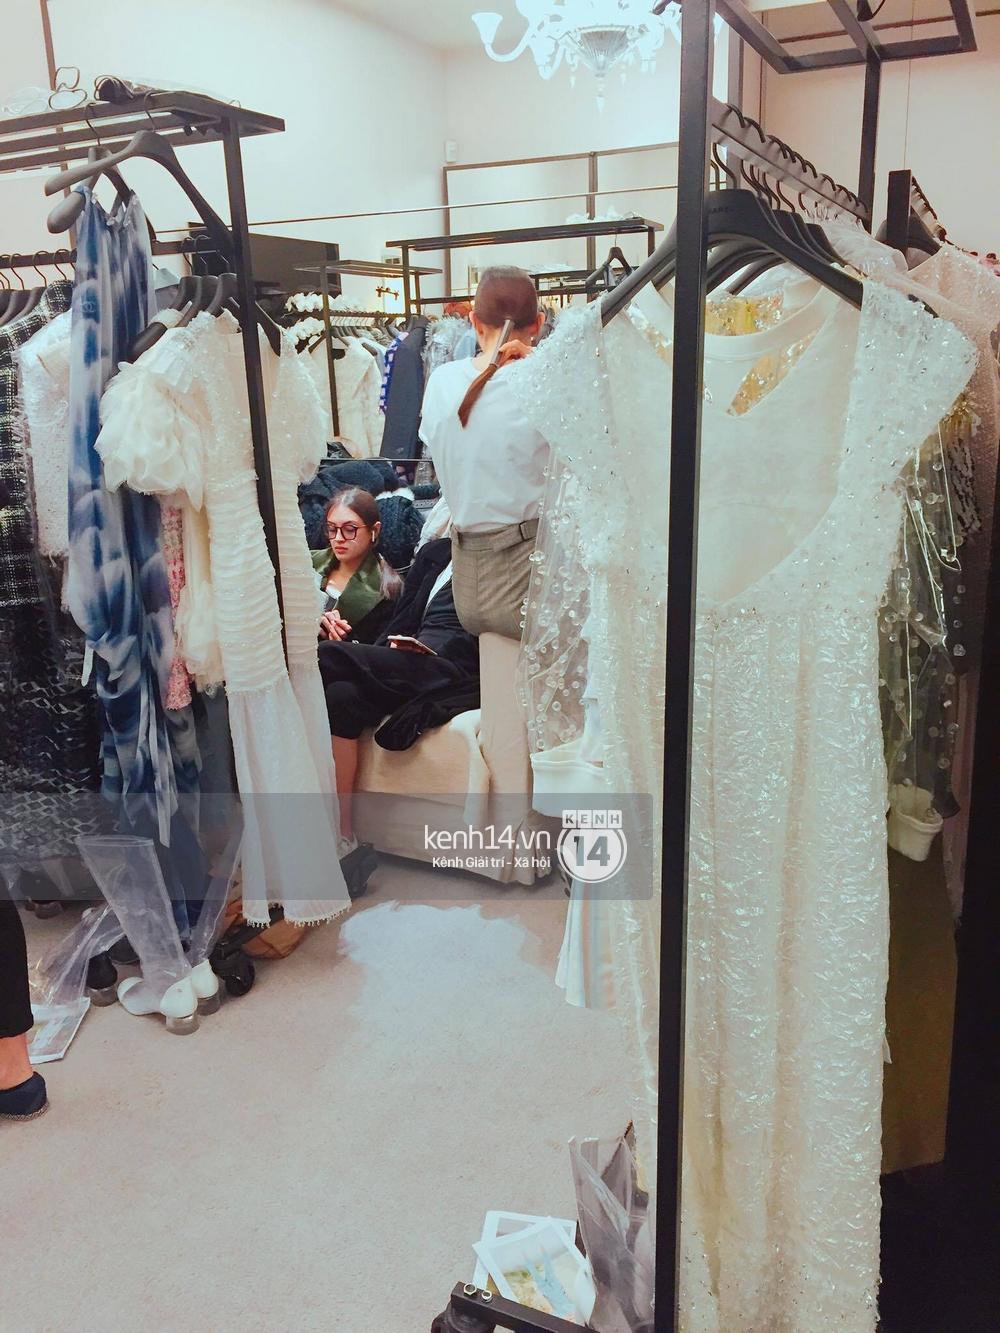 Độc quyền: Sau Louis Vuitton, Thùy Trang tiếp tục trình diễn cho private show của Chanel - Ảnh 4.